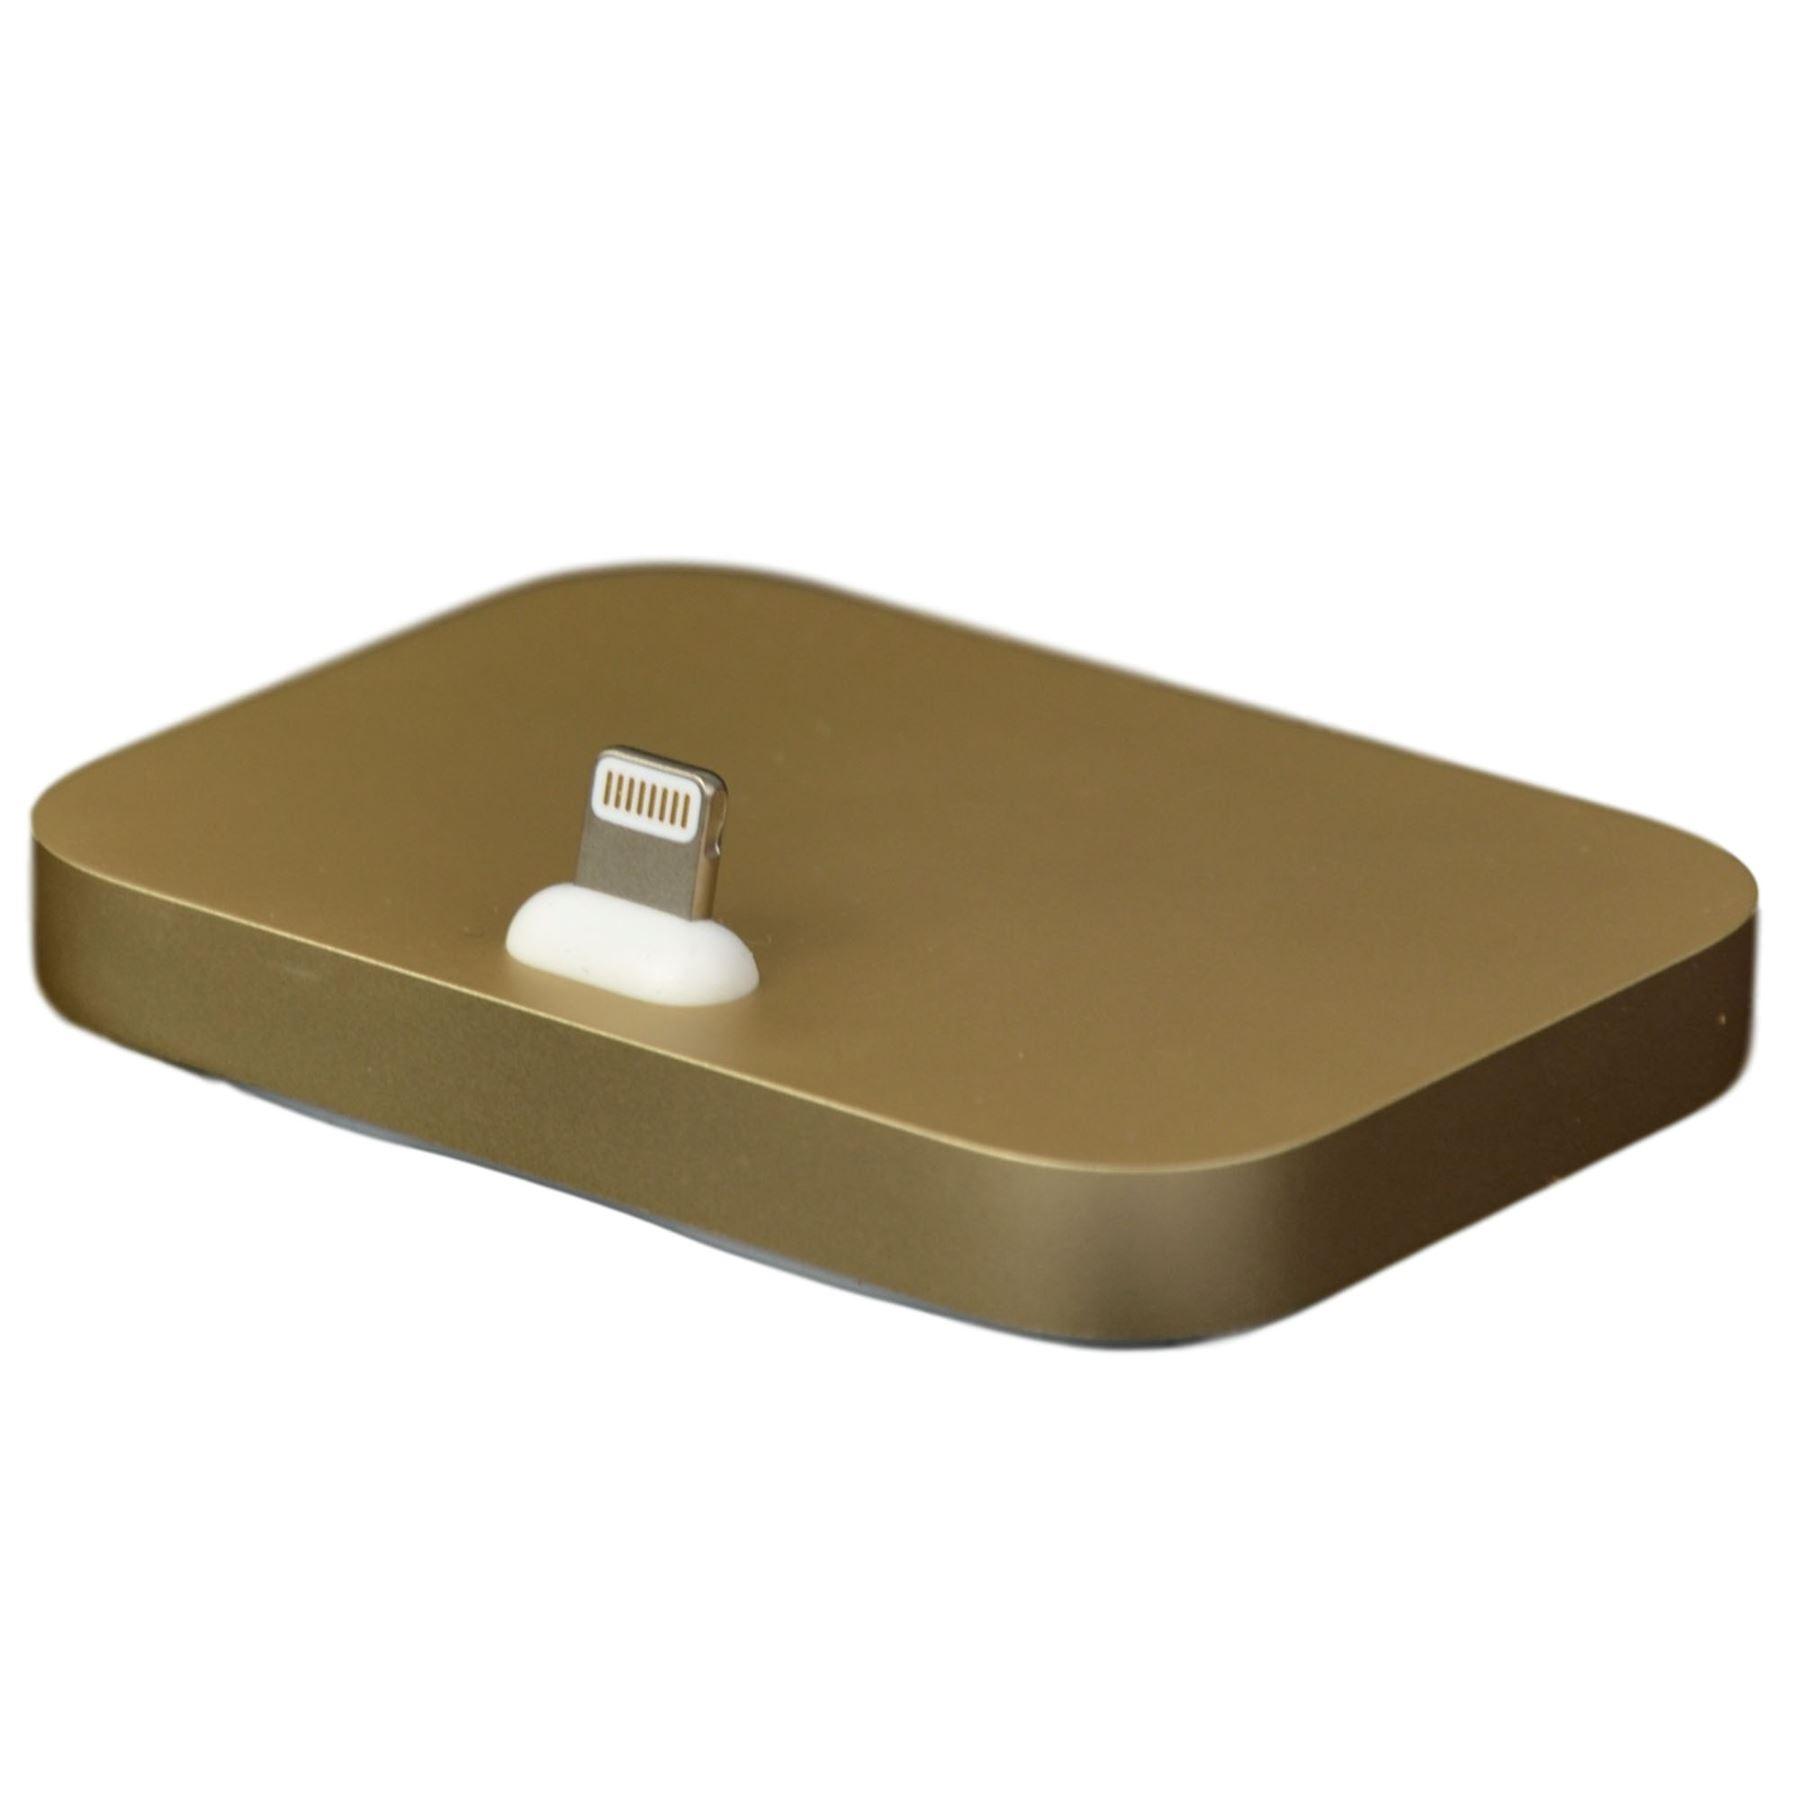 genuine apple iphone lightning charging dock docking. Black Bedroom Furniture Sets. Home Design Ideas